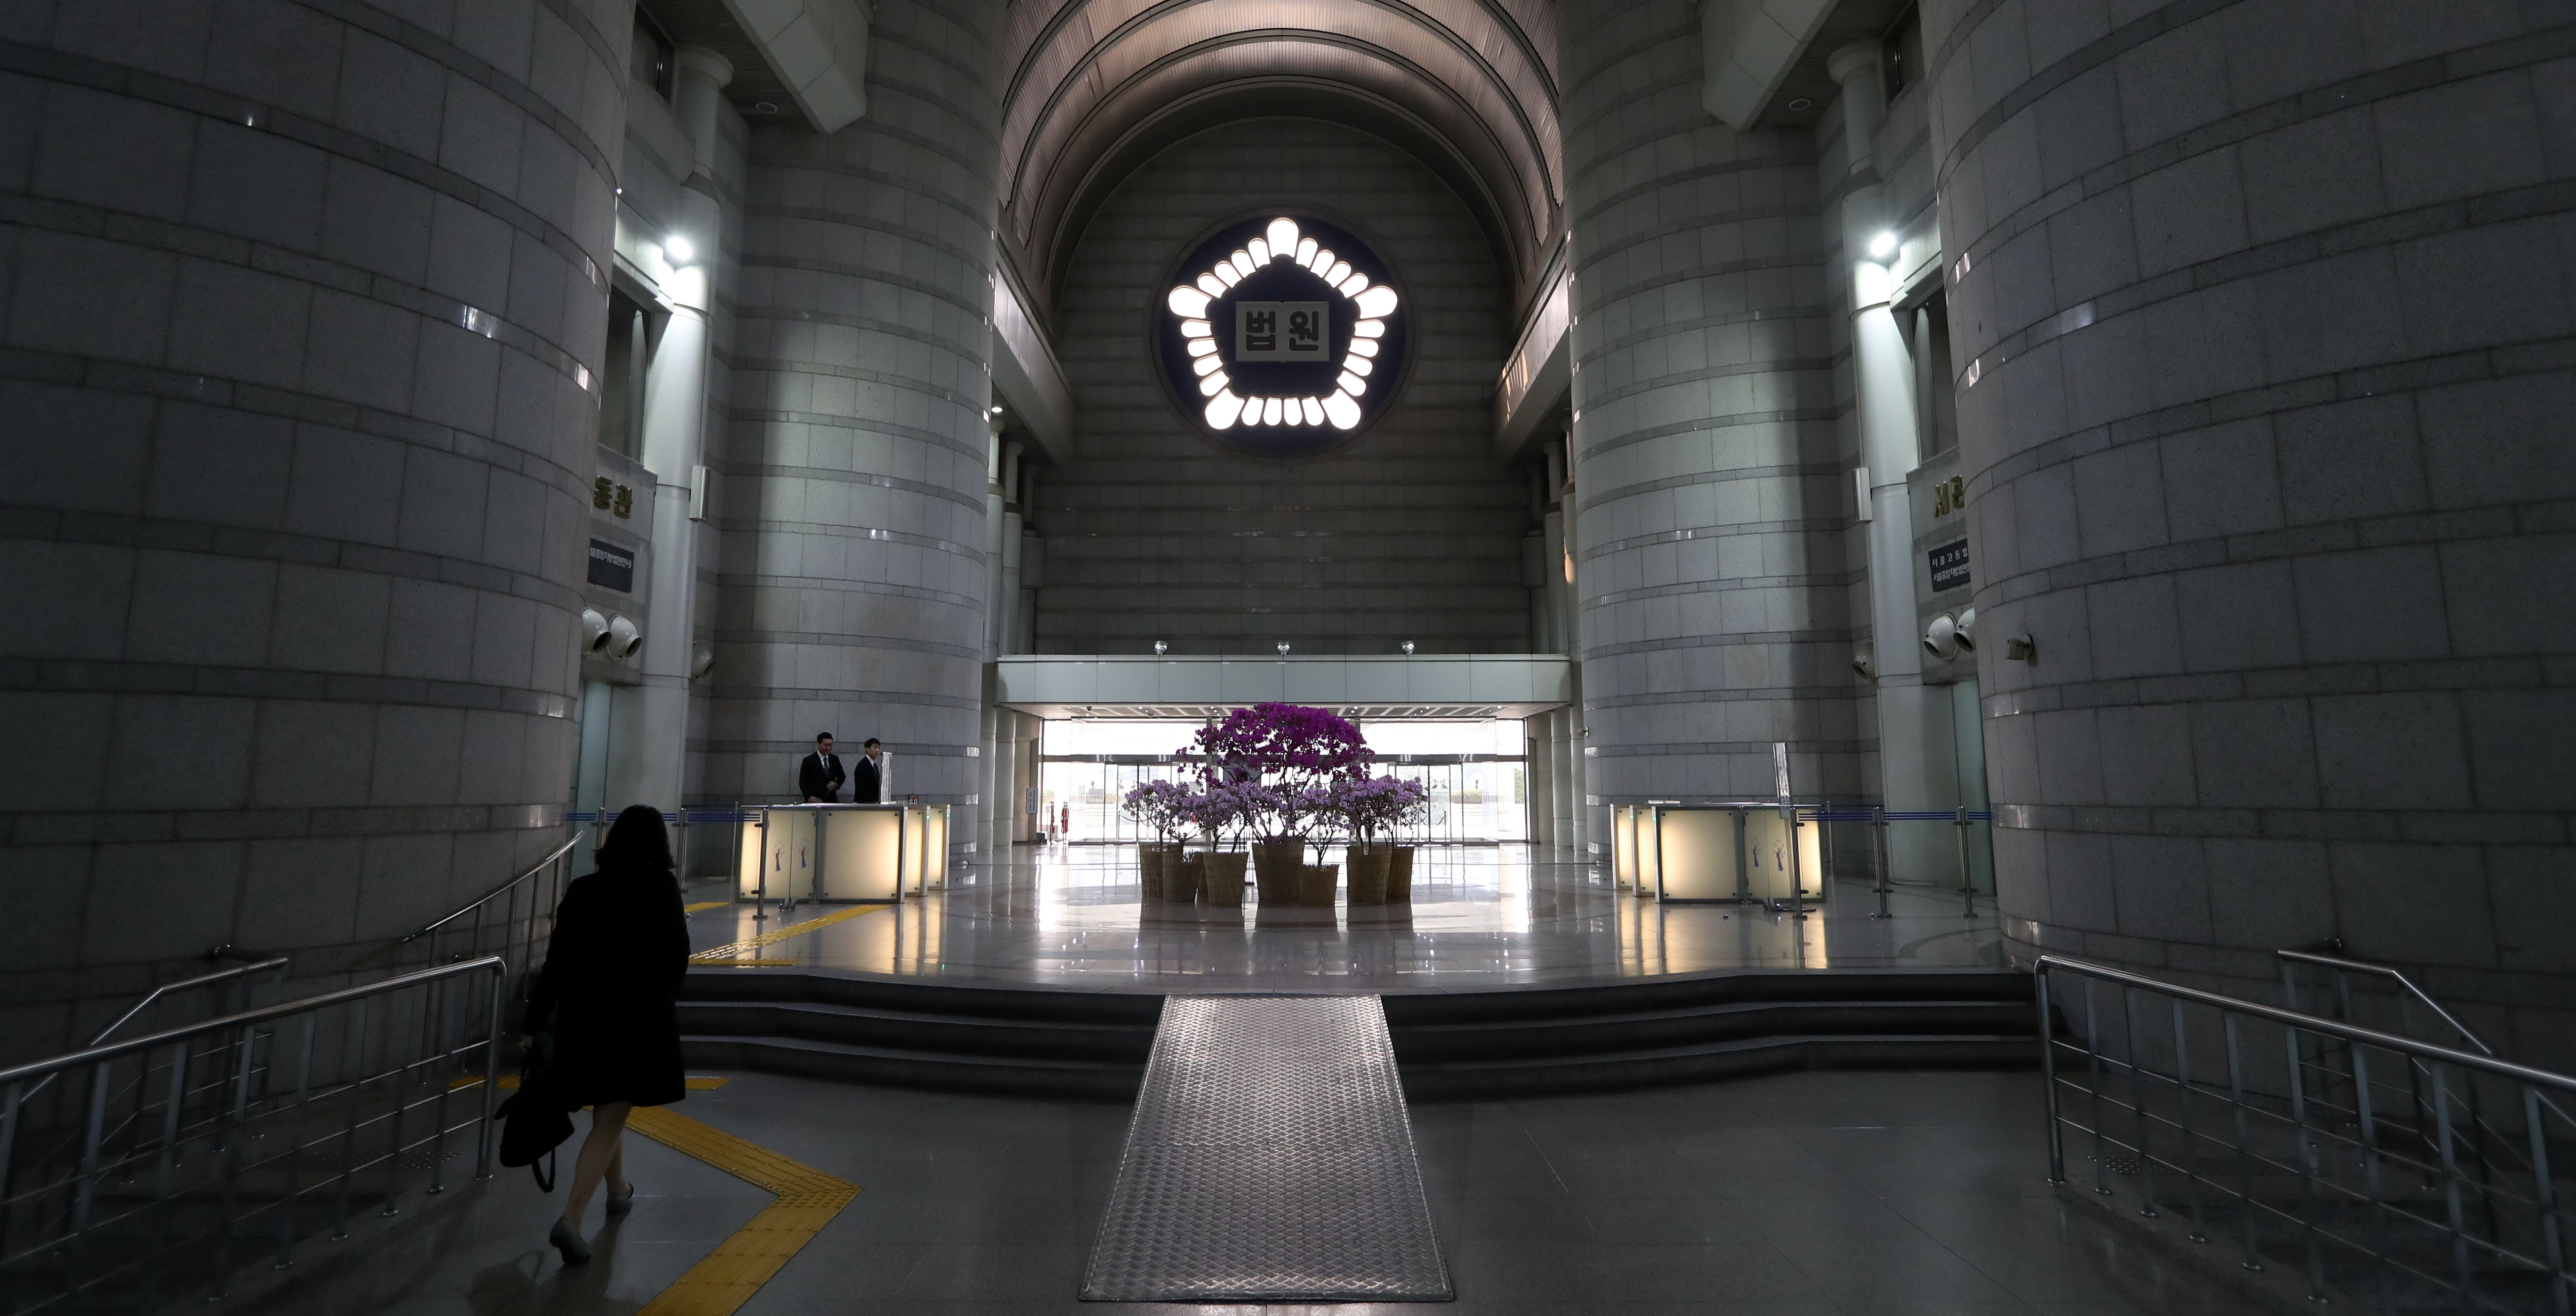 [재판] 이재용·김기춘 첫 항소심 준비기일 이번주 열려… 국정농단 재판 2라운드